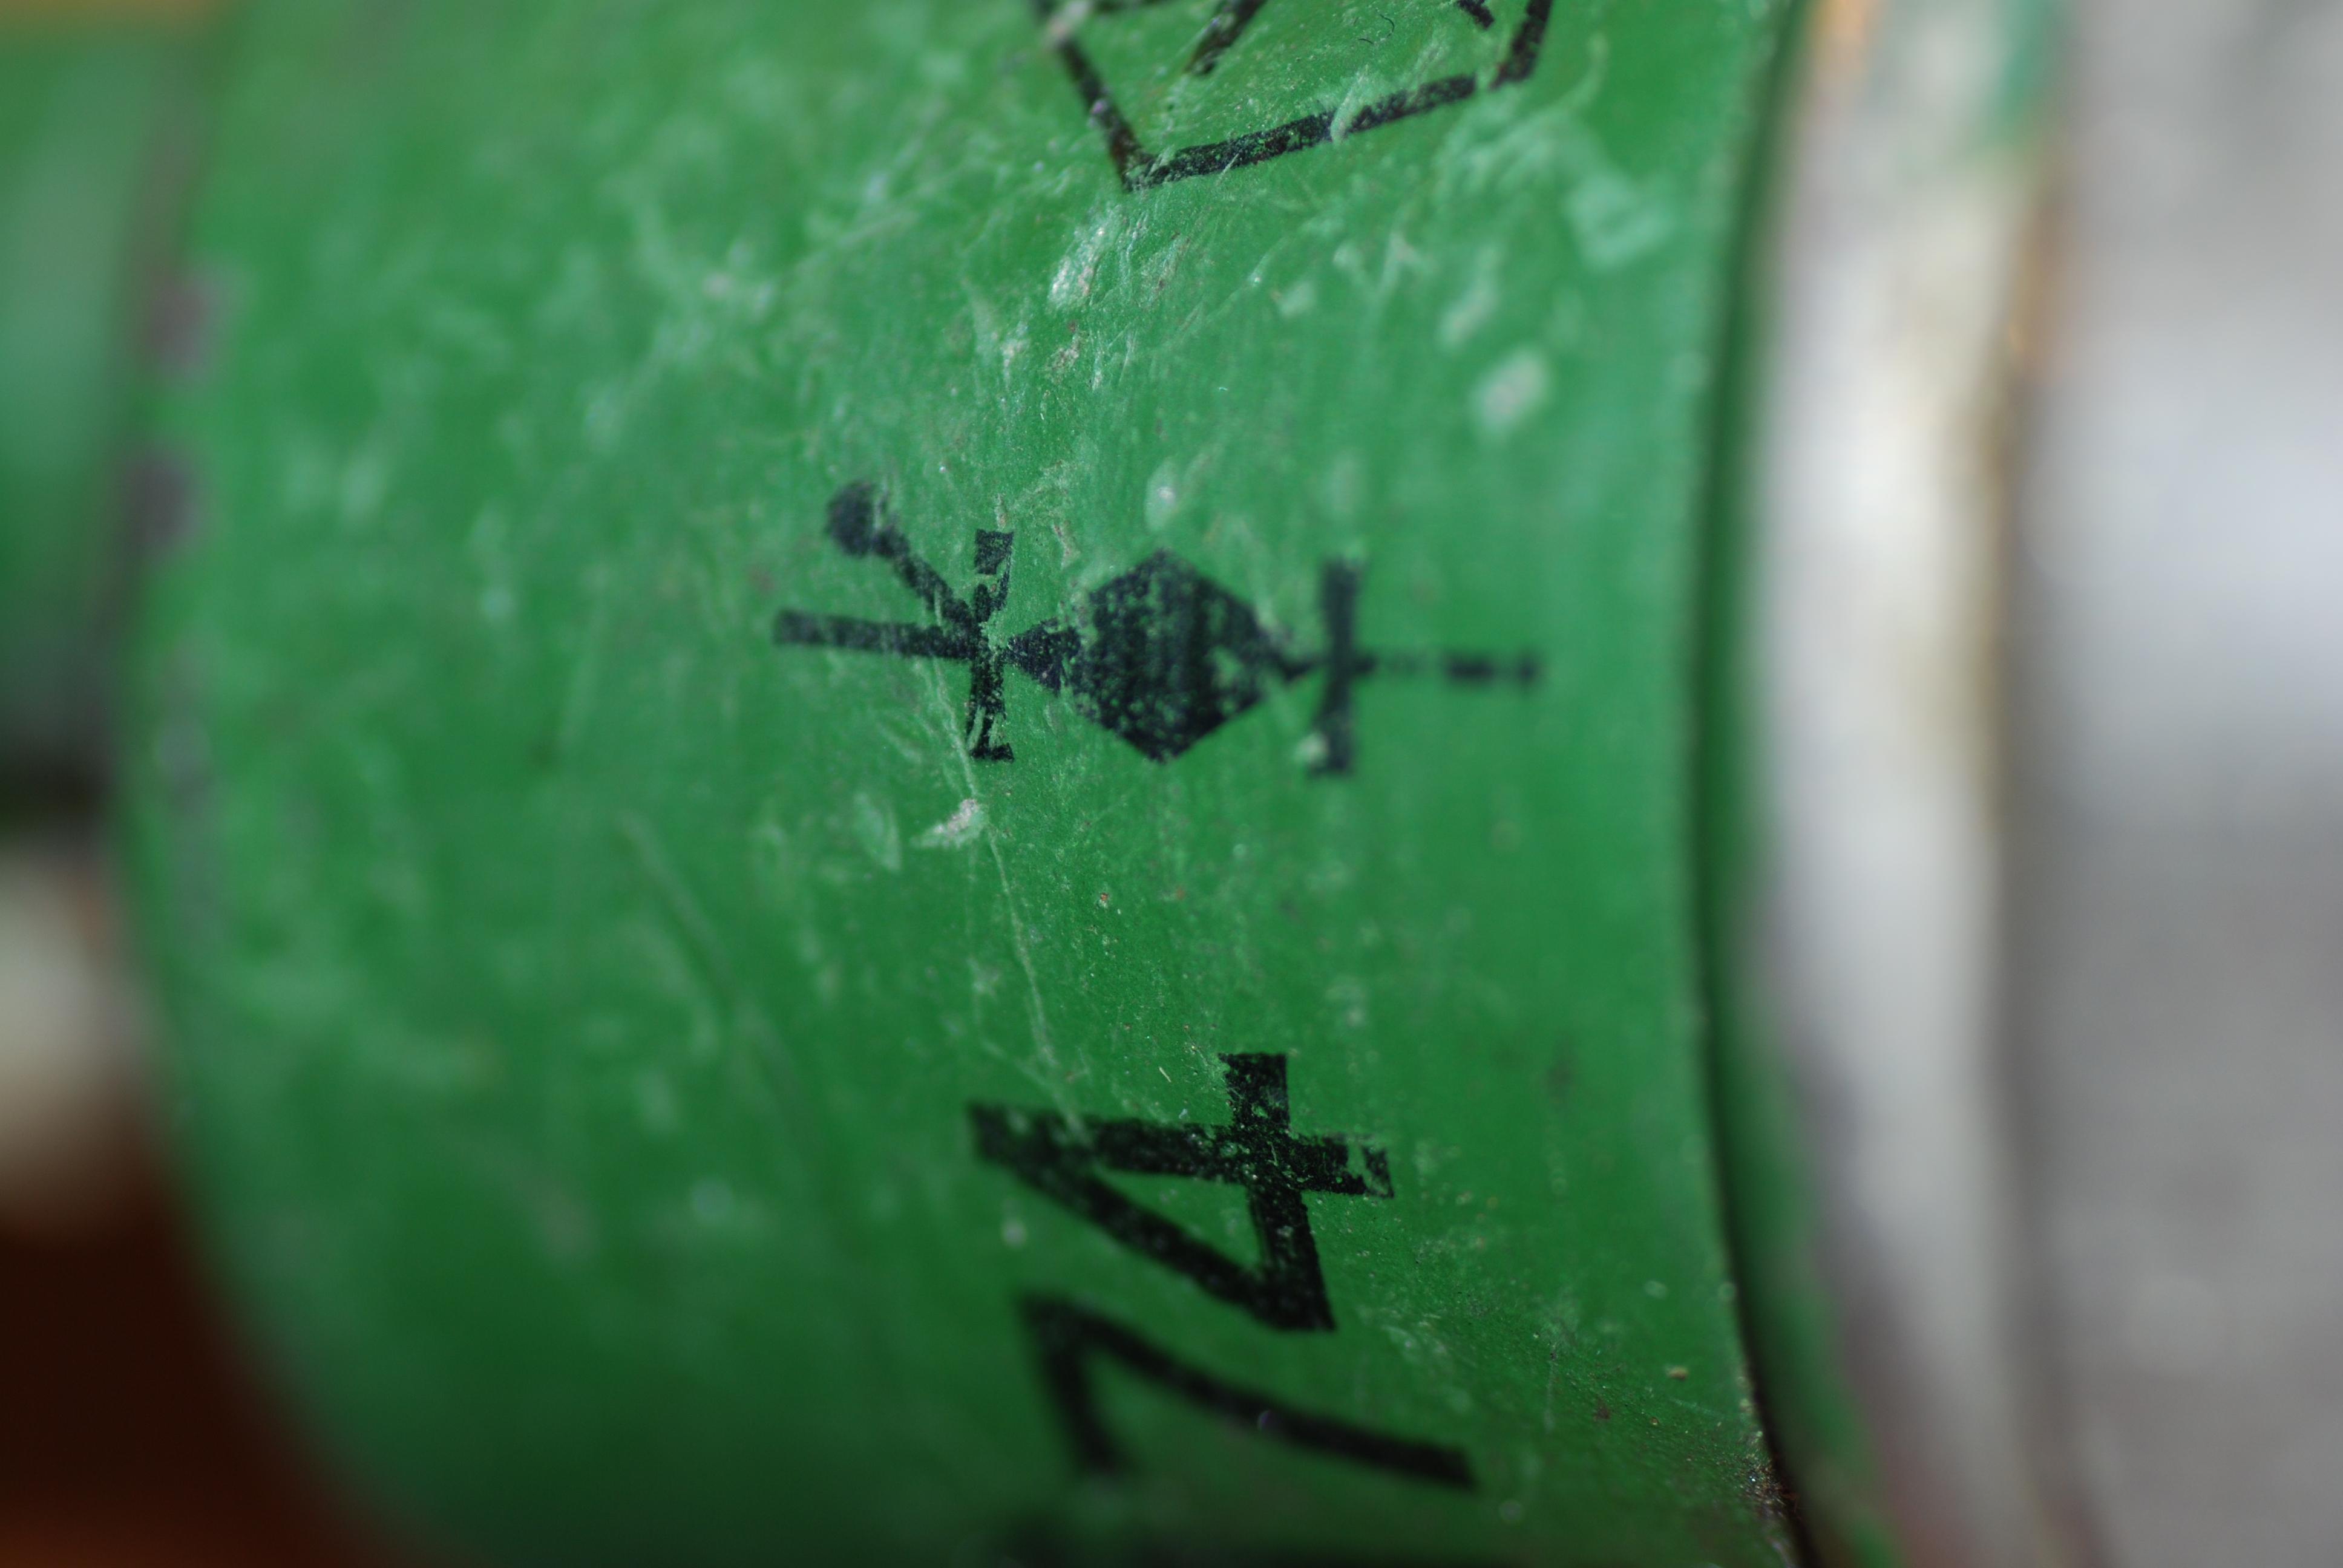 Co to za tyrystor (triak?) TC-160/TC-125?